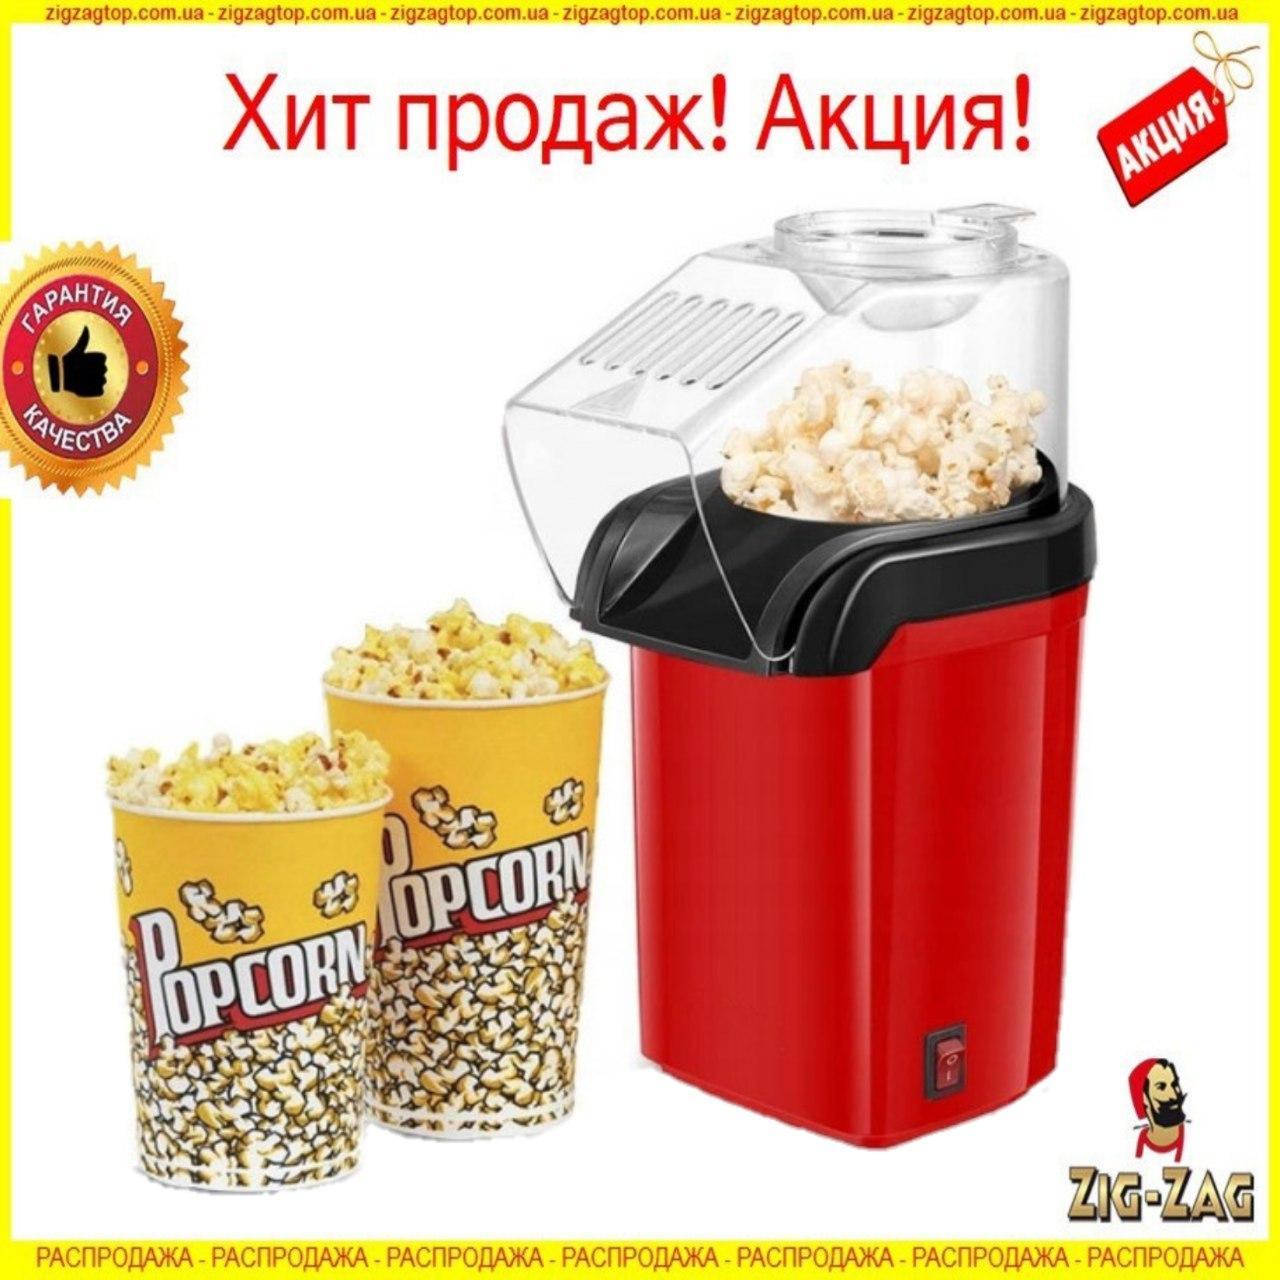 Прибор для приготовления попкорна Snack Maker RH 903  Домашний попкорн  Машинка для приготовления попкорна